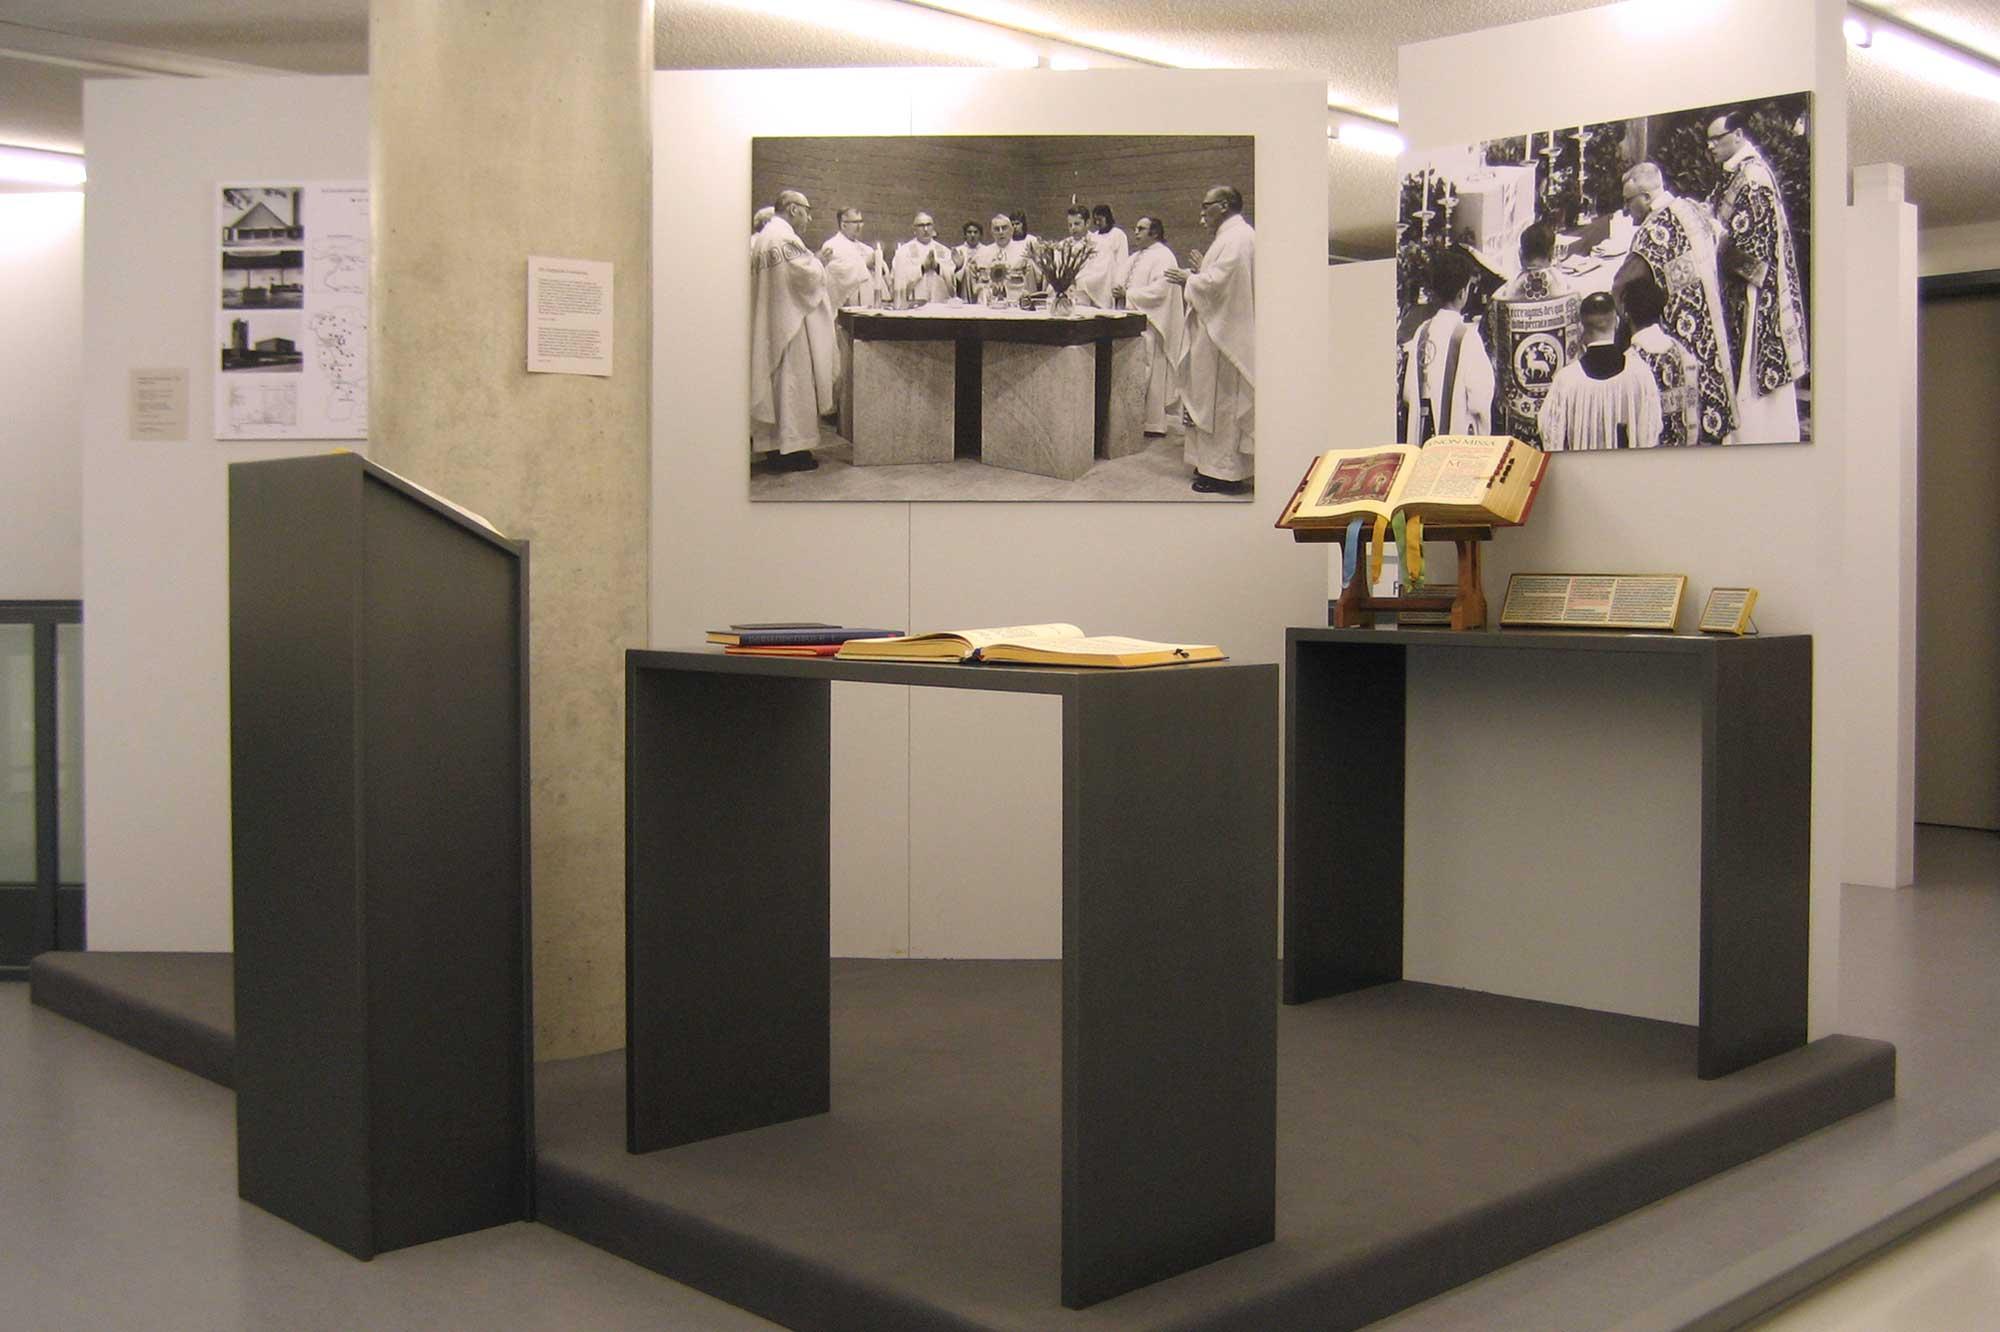 Darstellung zum Wandel der Liturgie nach dem Zweiten Vatikanum in der Rauminsel auf der Galerie